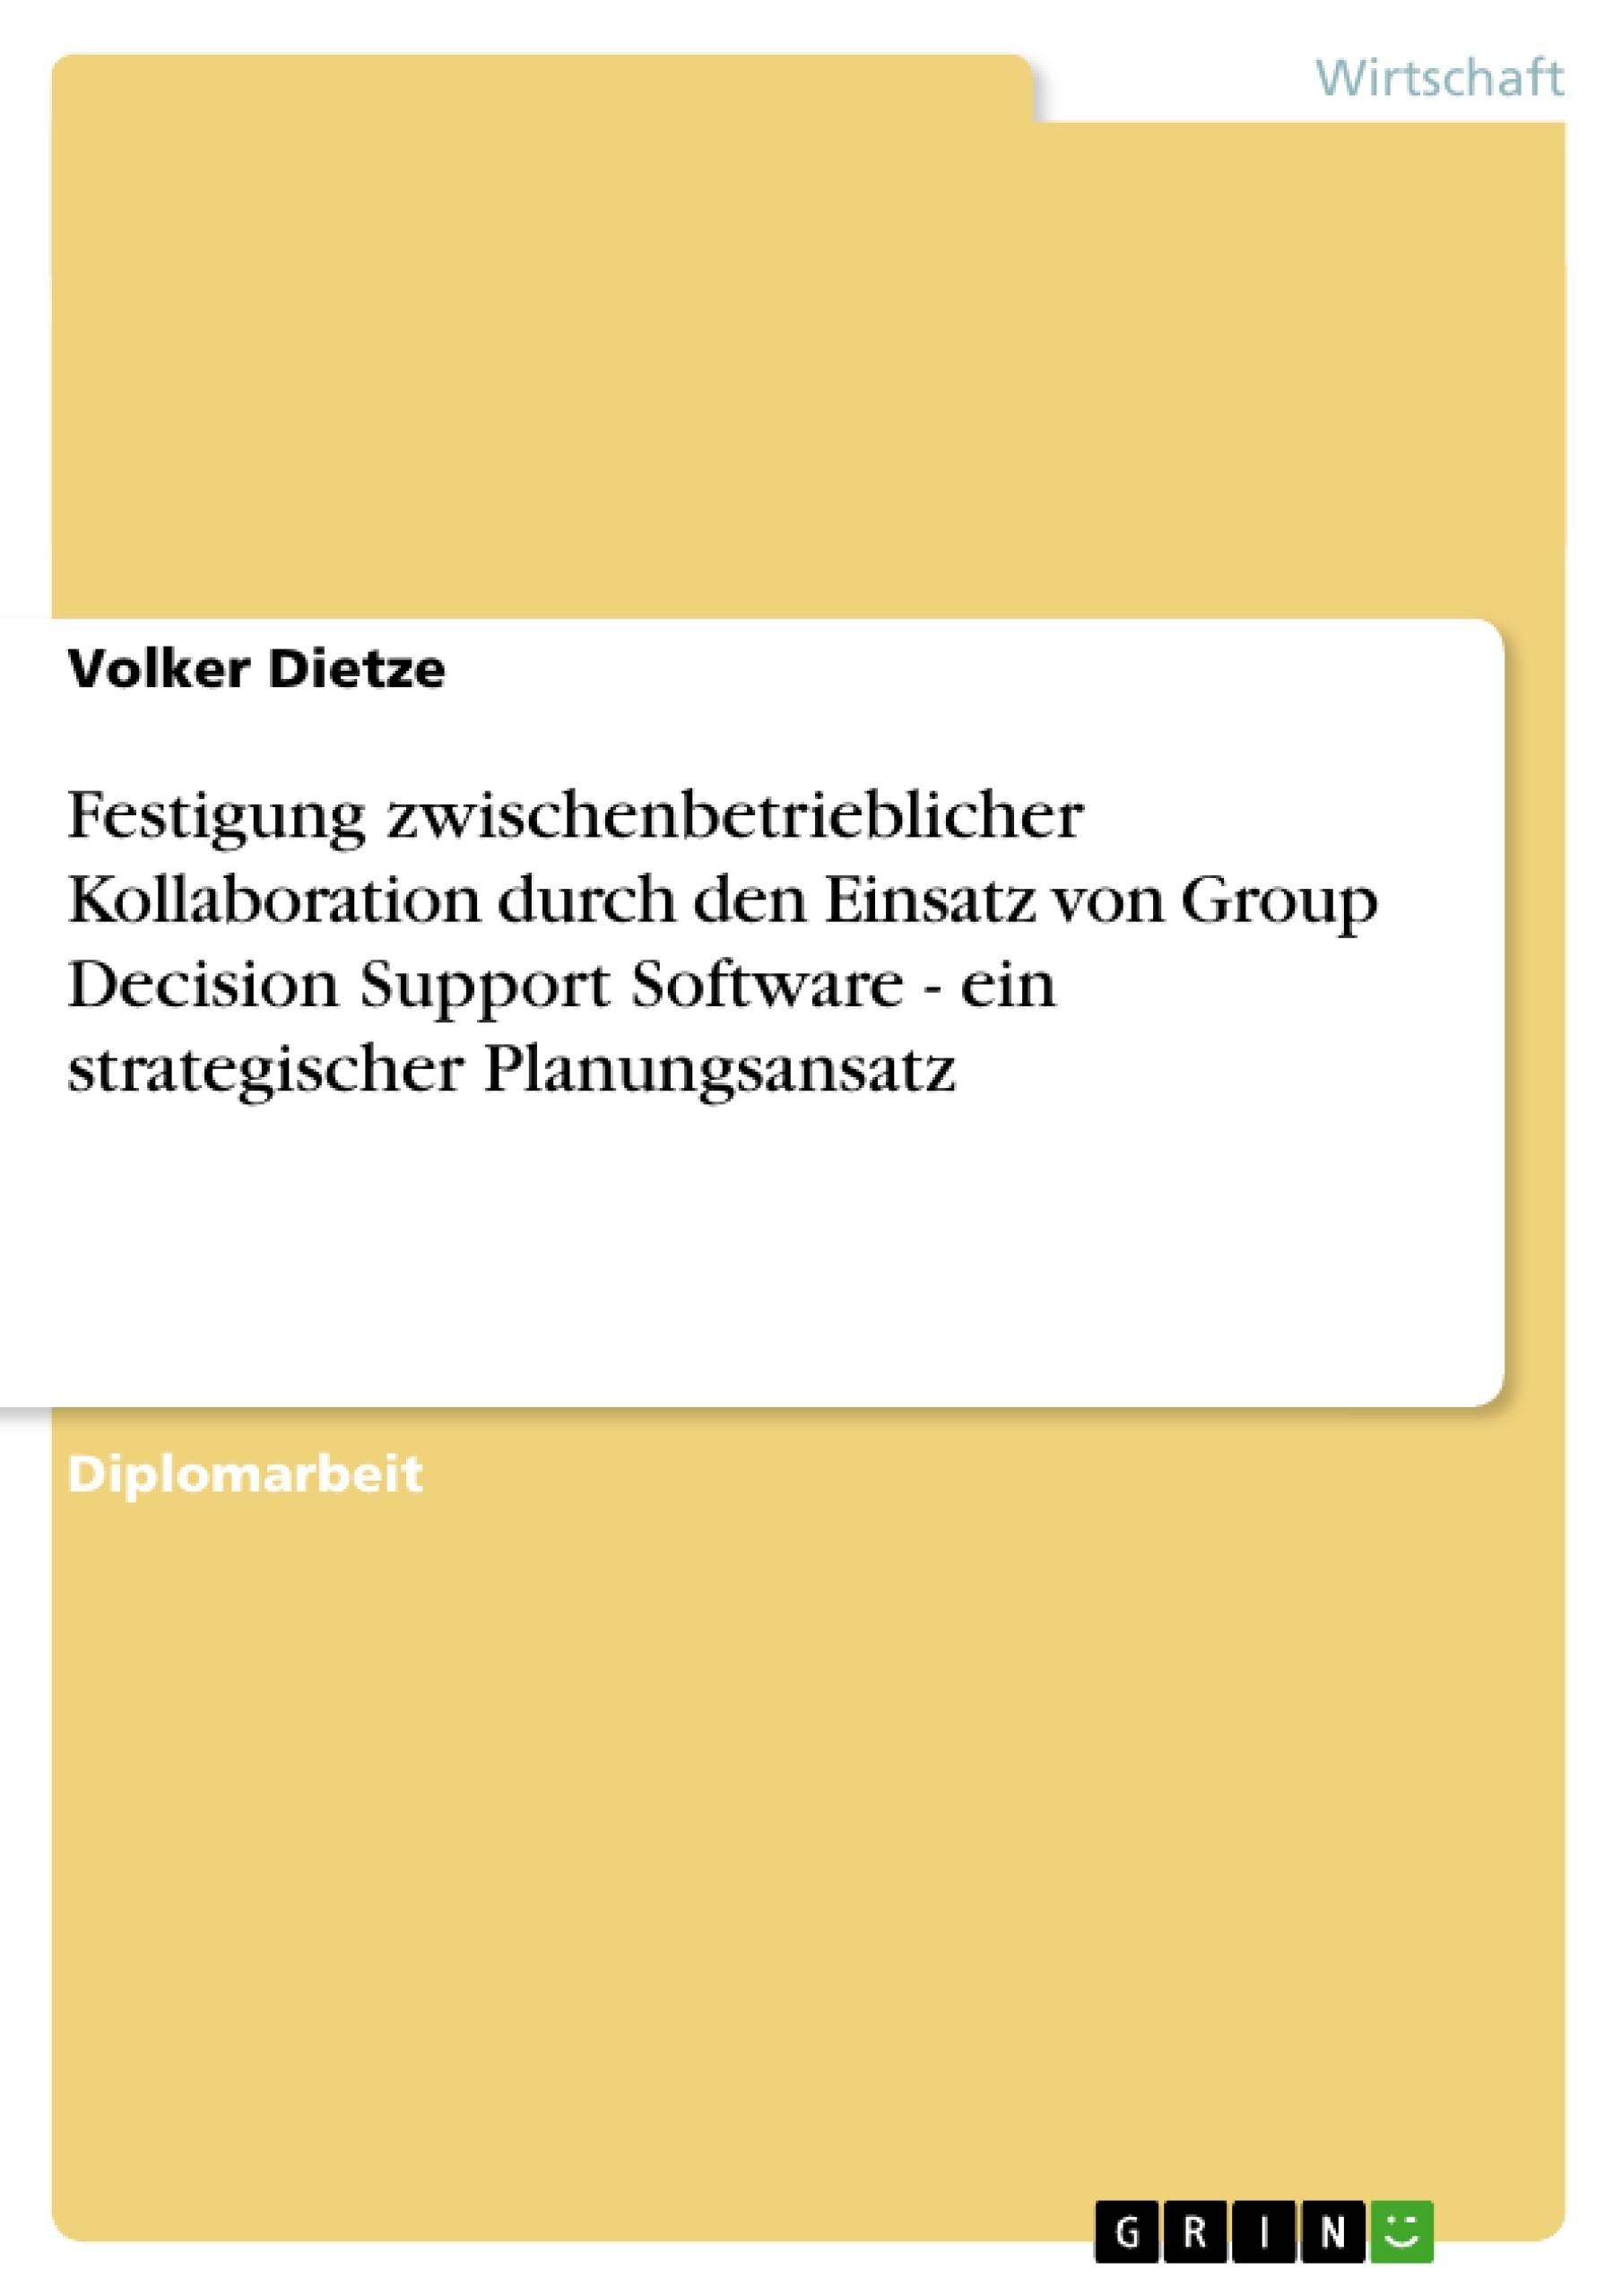 Titel: Festigung zwischenbetrieblicher Kollaboration durch den Einsatz von Group Decision Support Software - ein strategischer Planungsansatz